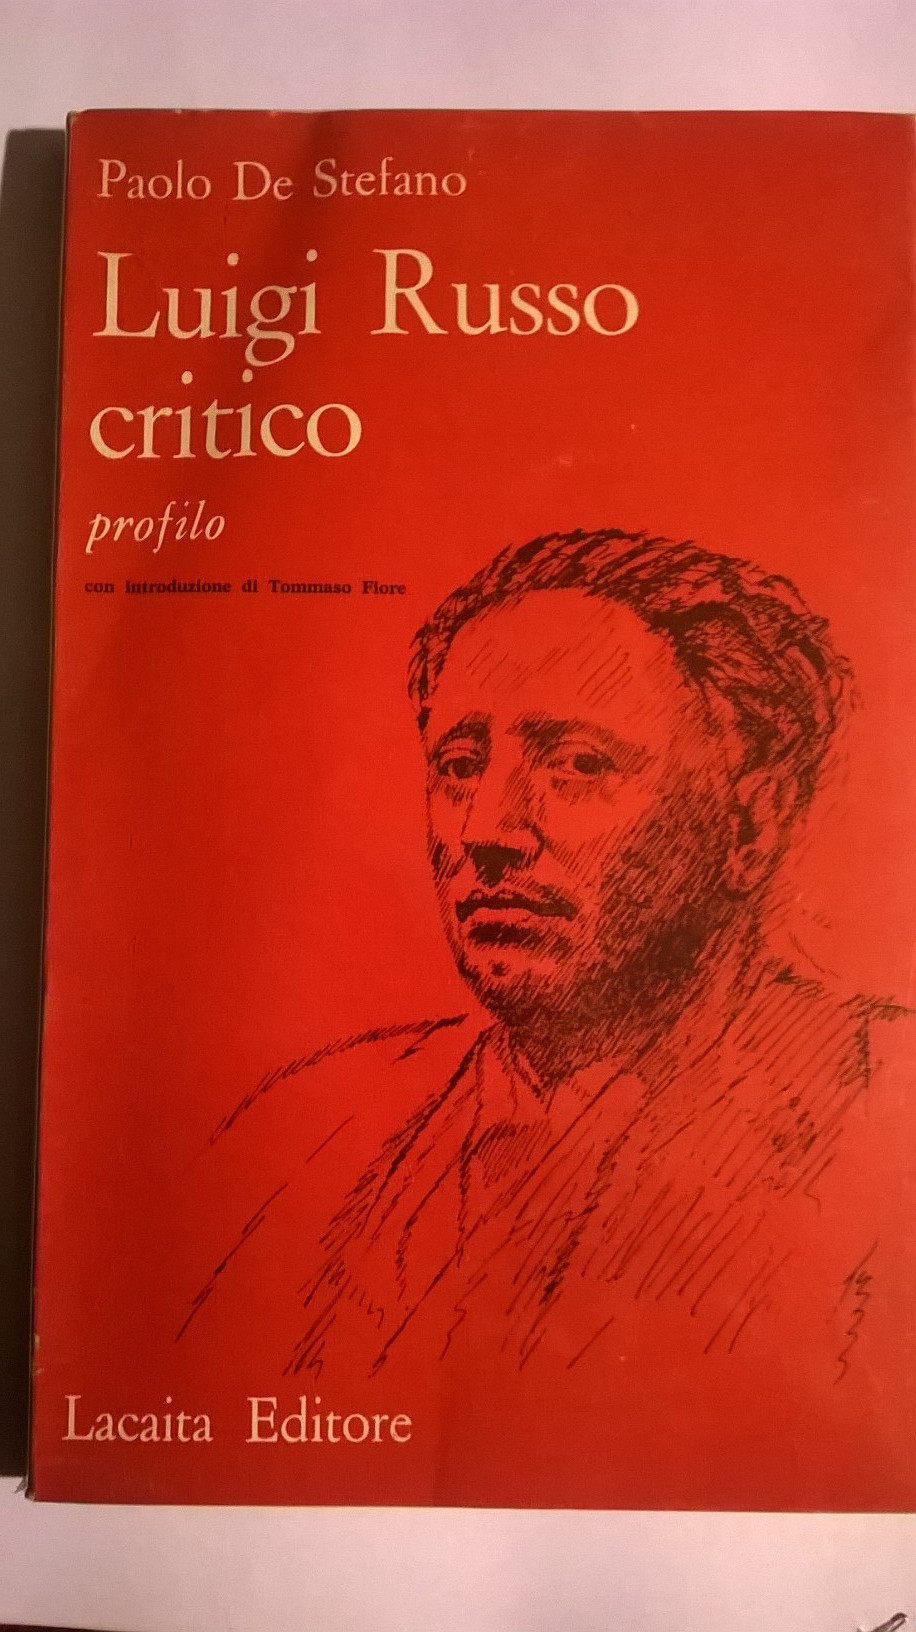 Luigi Russo critico